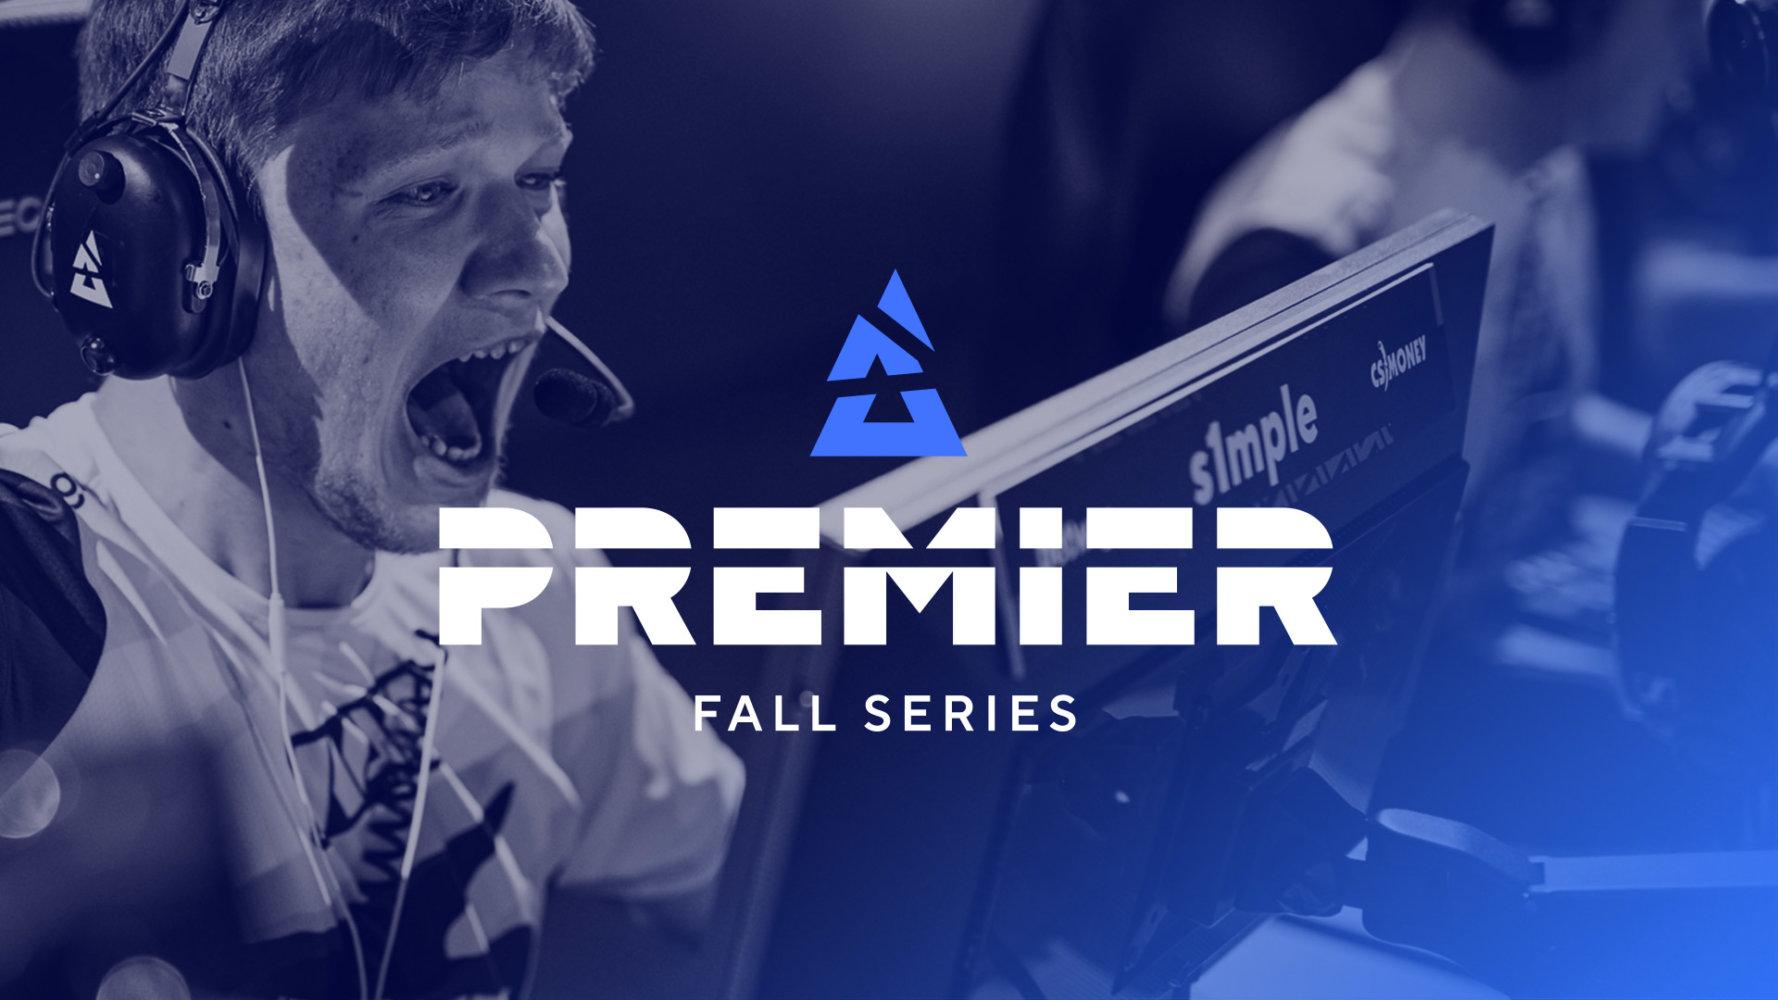 blast premier fall 2020 series